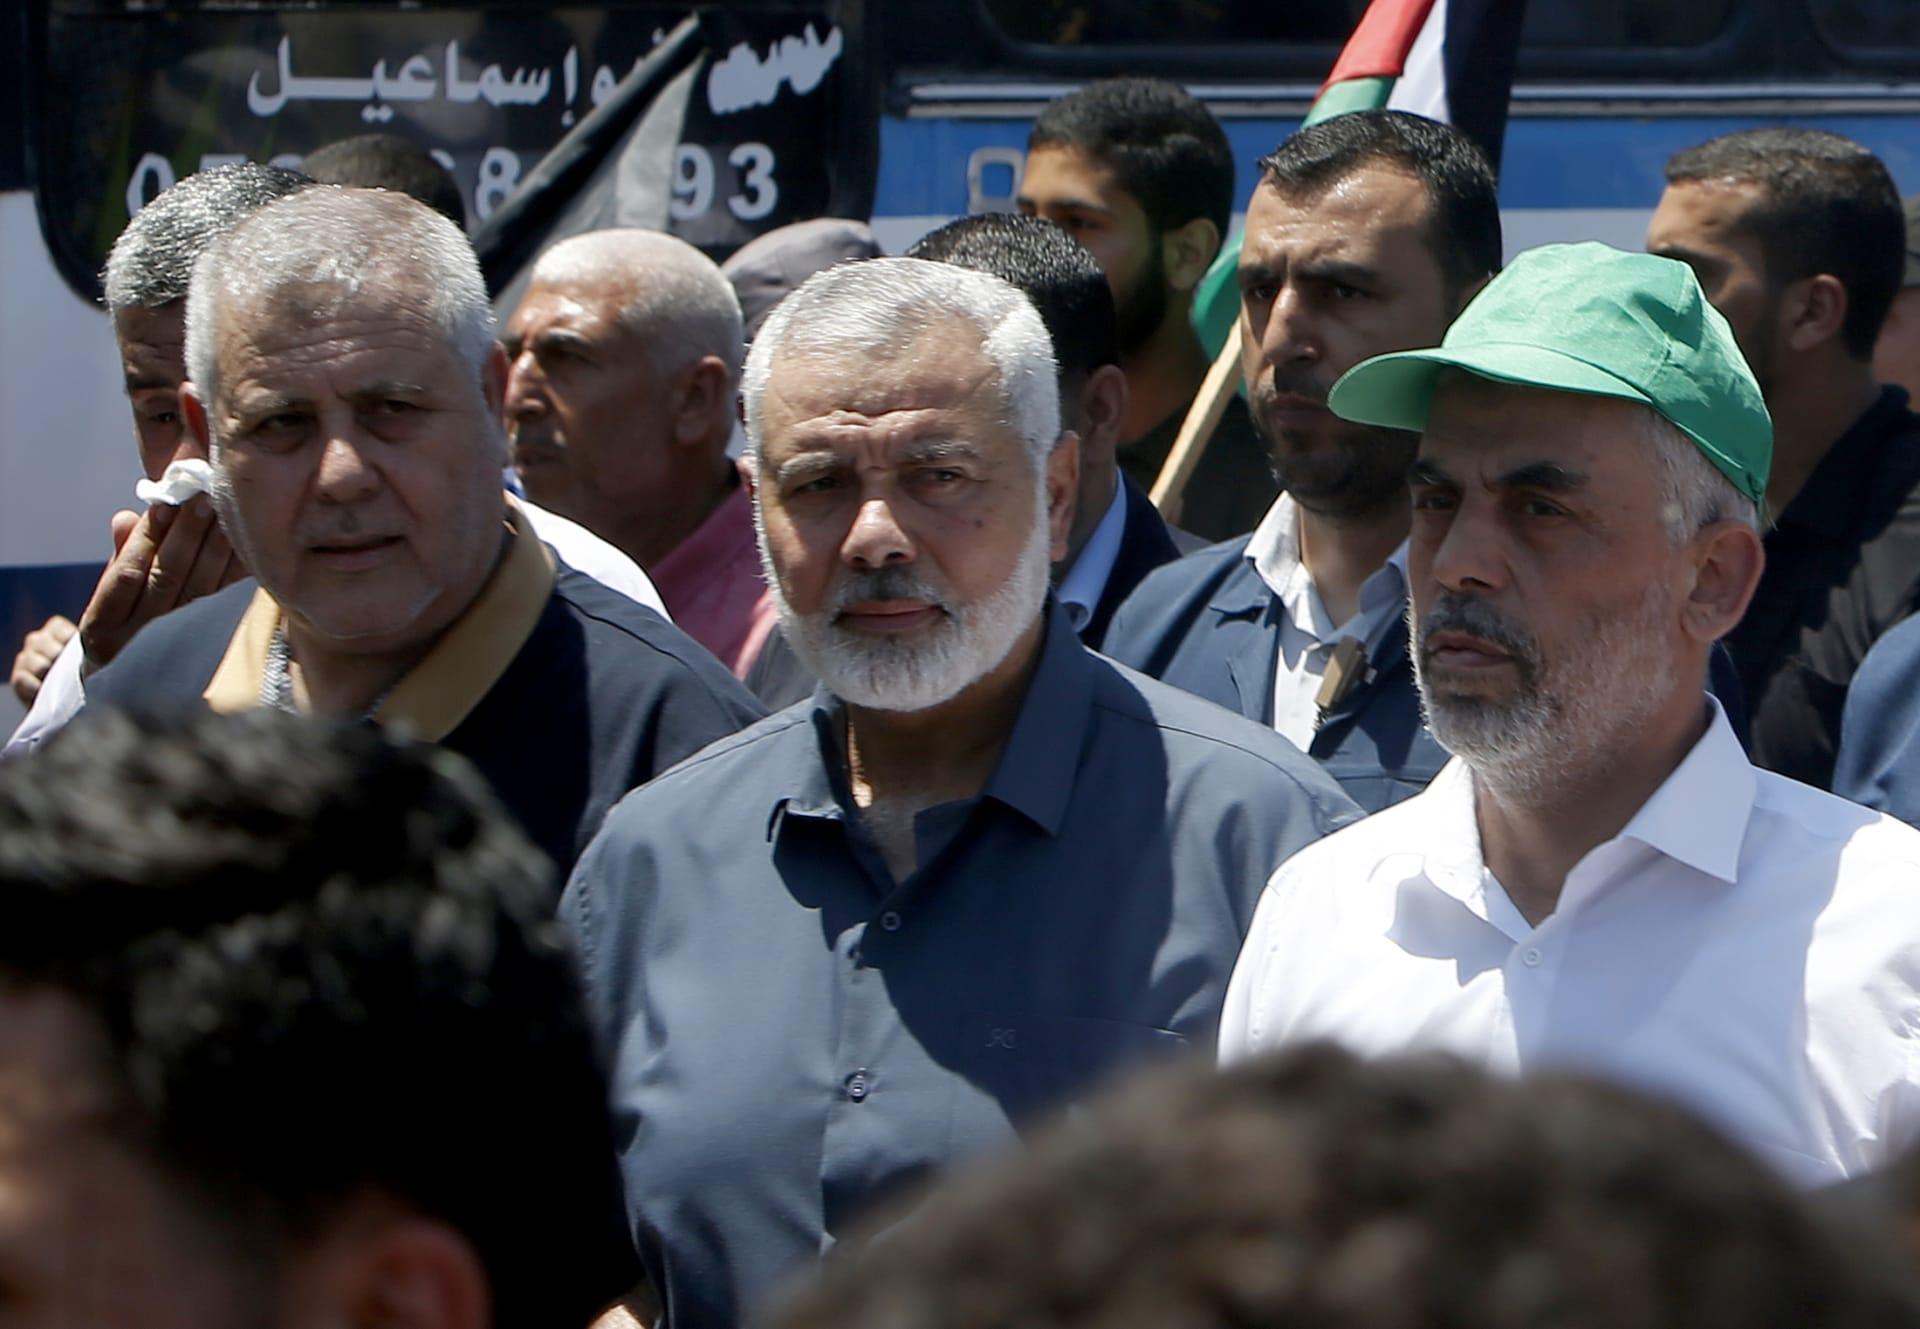 حماس تكشف عن اعتقال أحد قيادييها بالسعودية منذ أبريل الماضي